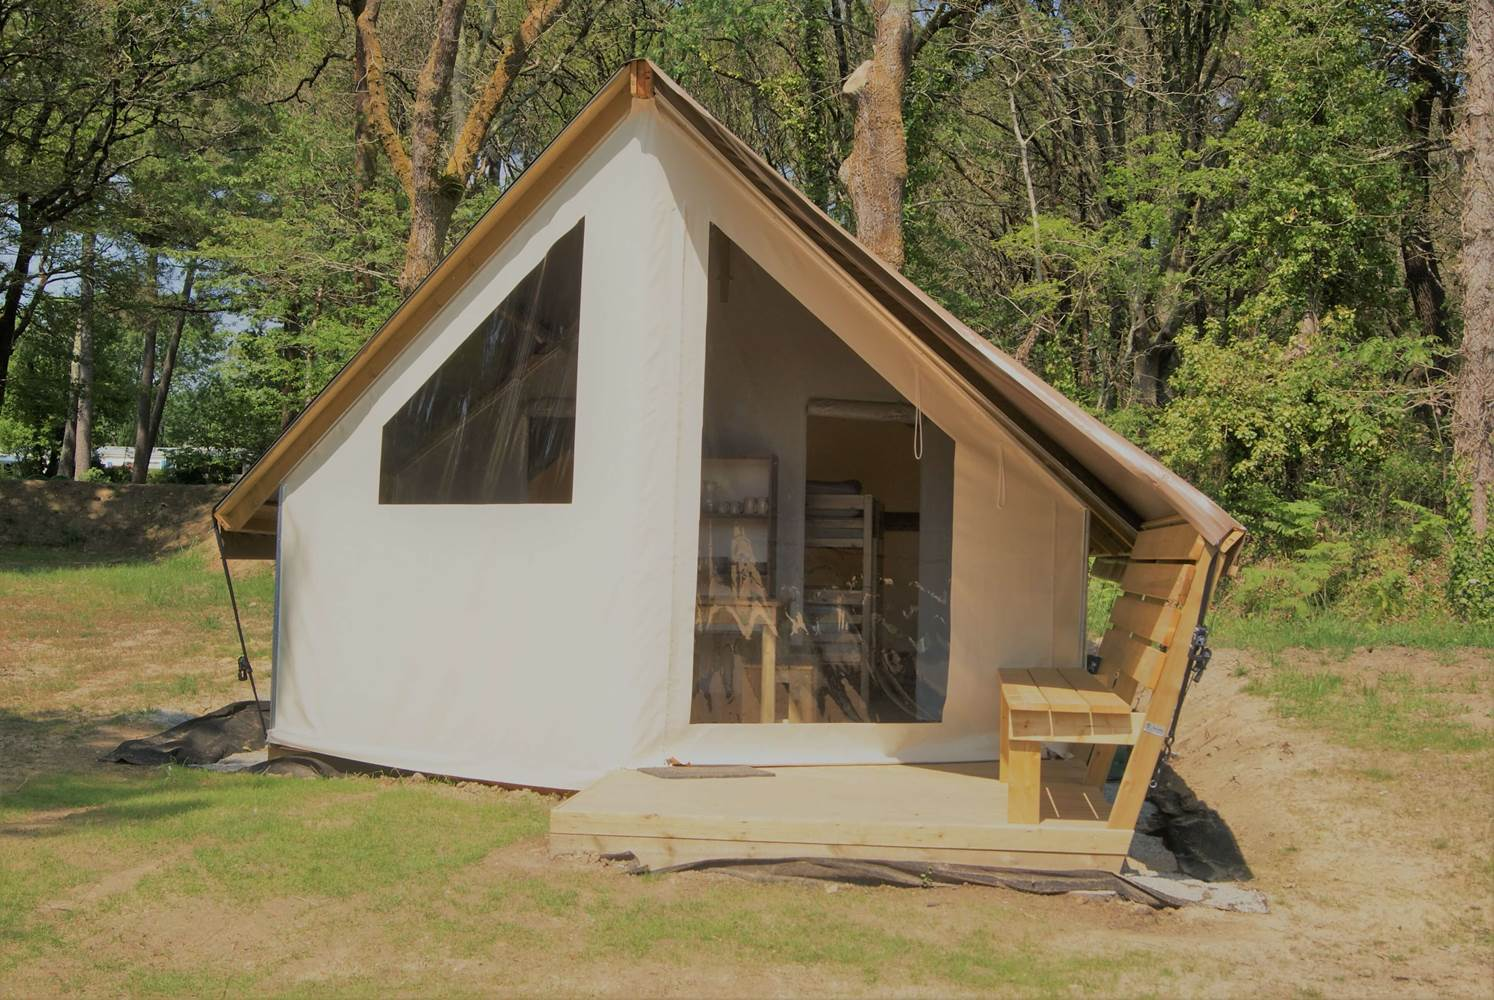 écolodge-junior-Camping-de-Kergo-Morbihan-Bretagne-Sud ©